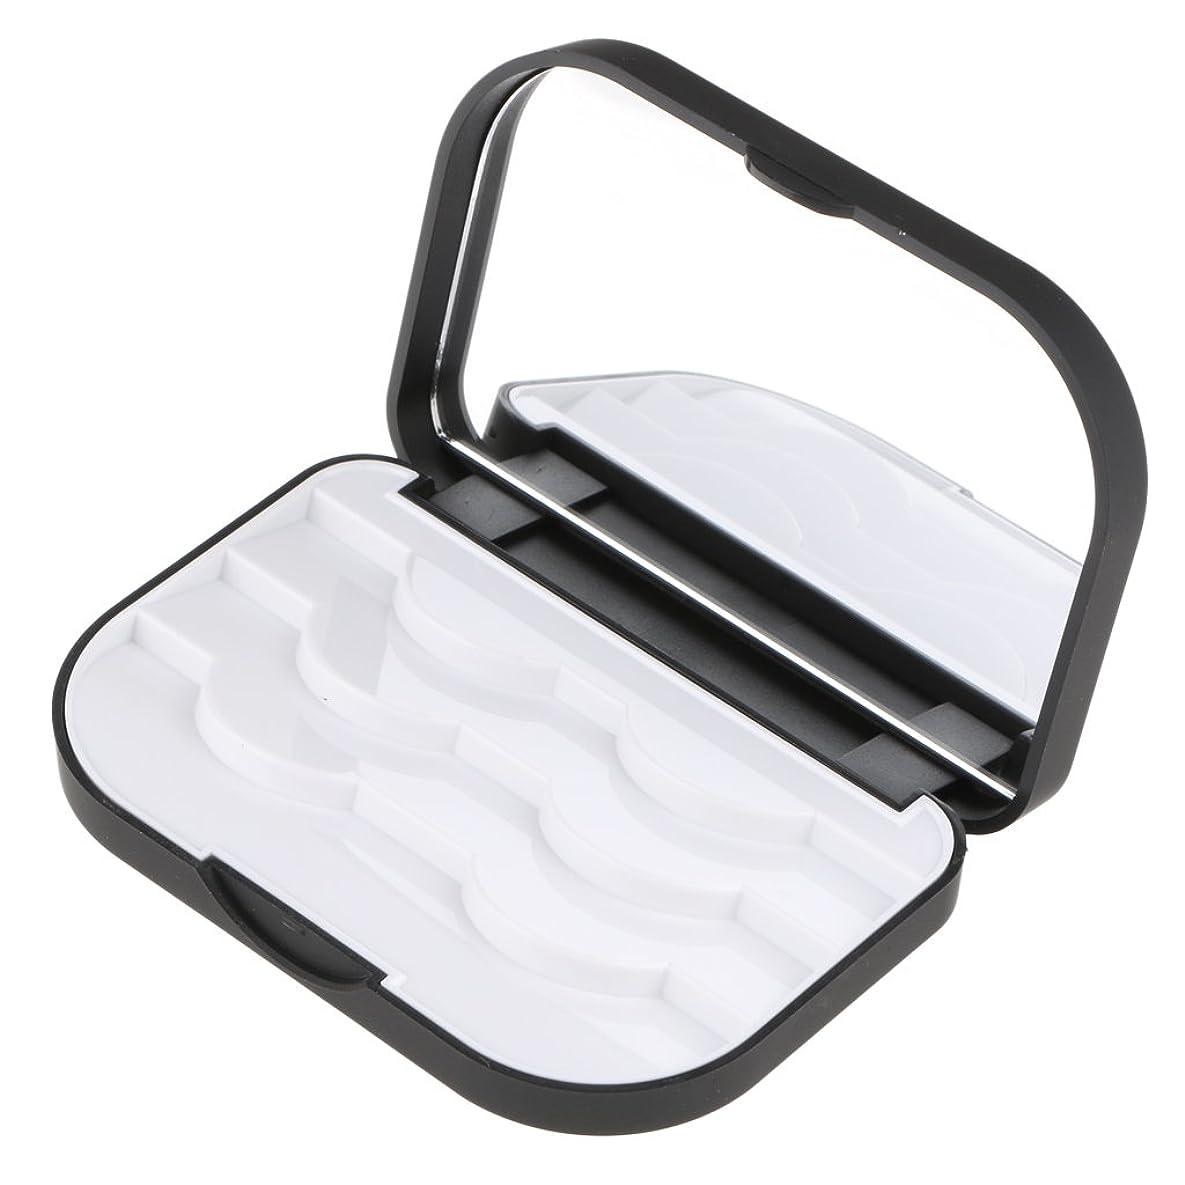 マトリックスフィード振る舞いFenteer メイクアップ収納ケース まつげ収納ケース 付けまつげ まつげ 収納ボックス メイクアップミラー 化粧鏡 ケース オーガナイザー 2色選べる - ブラック